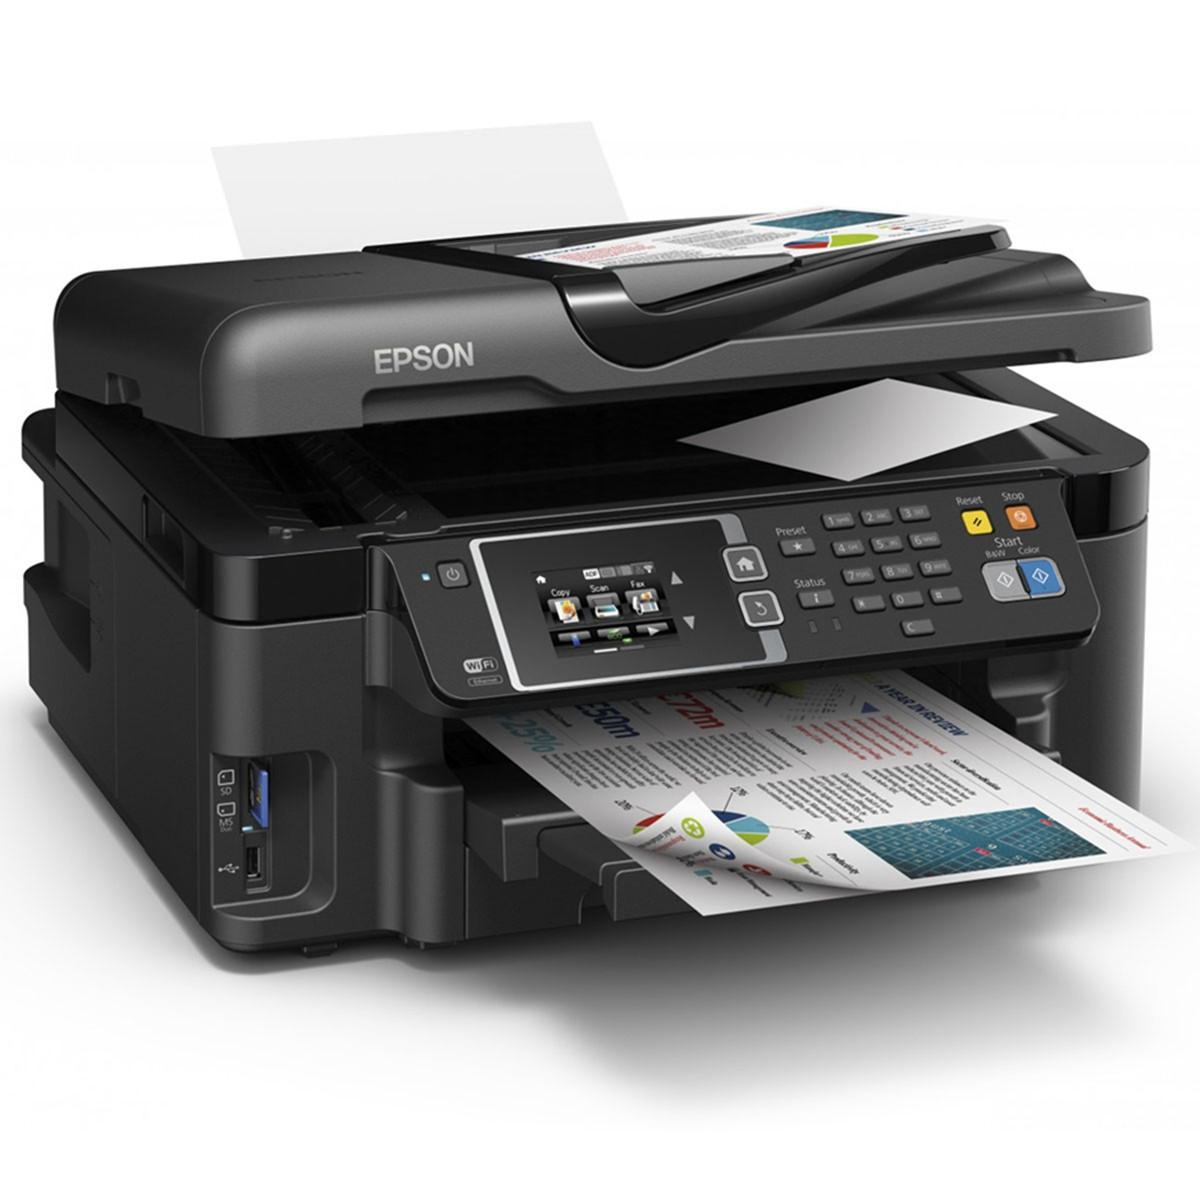 Impressora Epson L1455 L-1455 | Multifuncional Tanque de Tinta A3 com Duplex